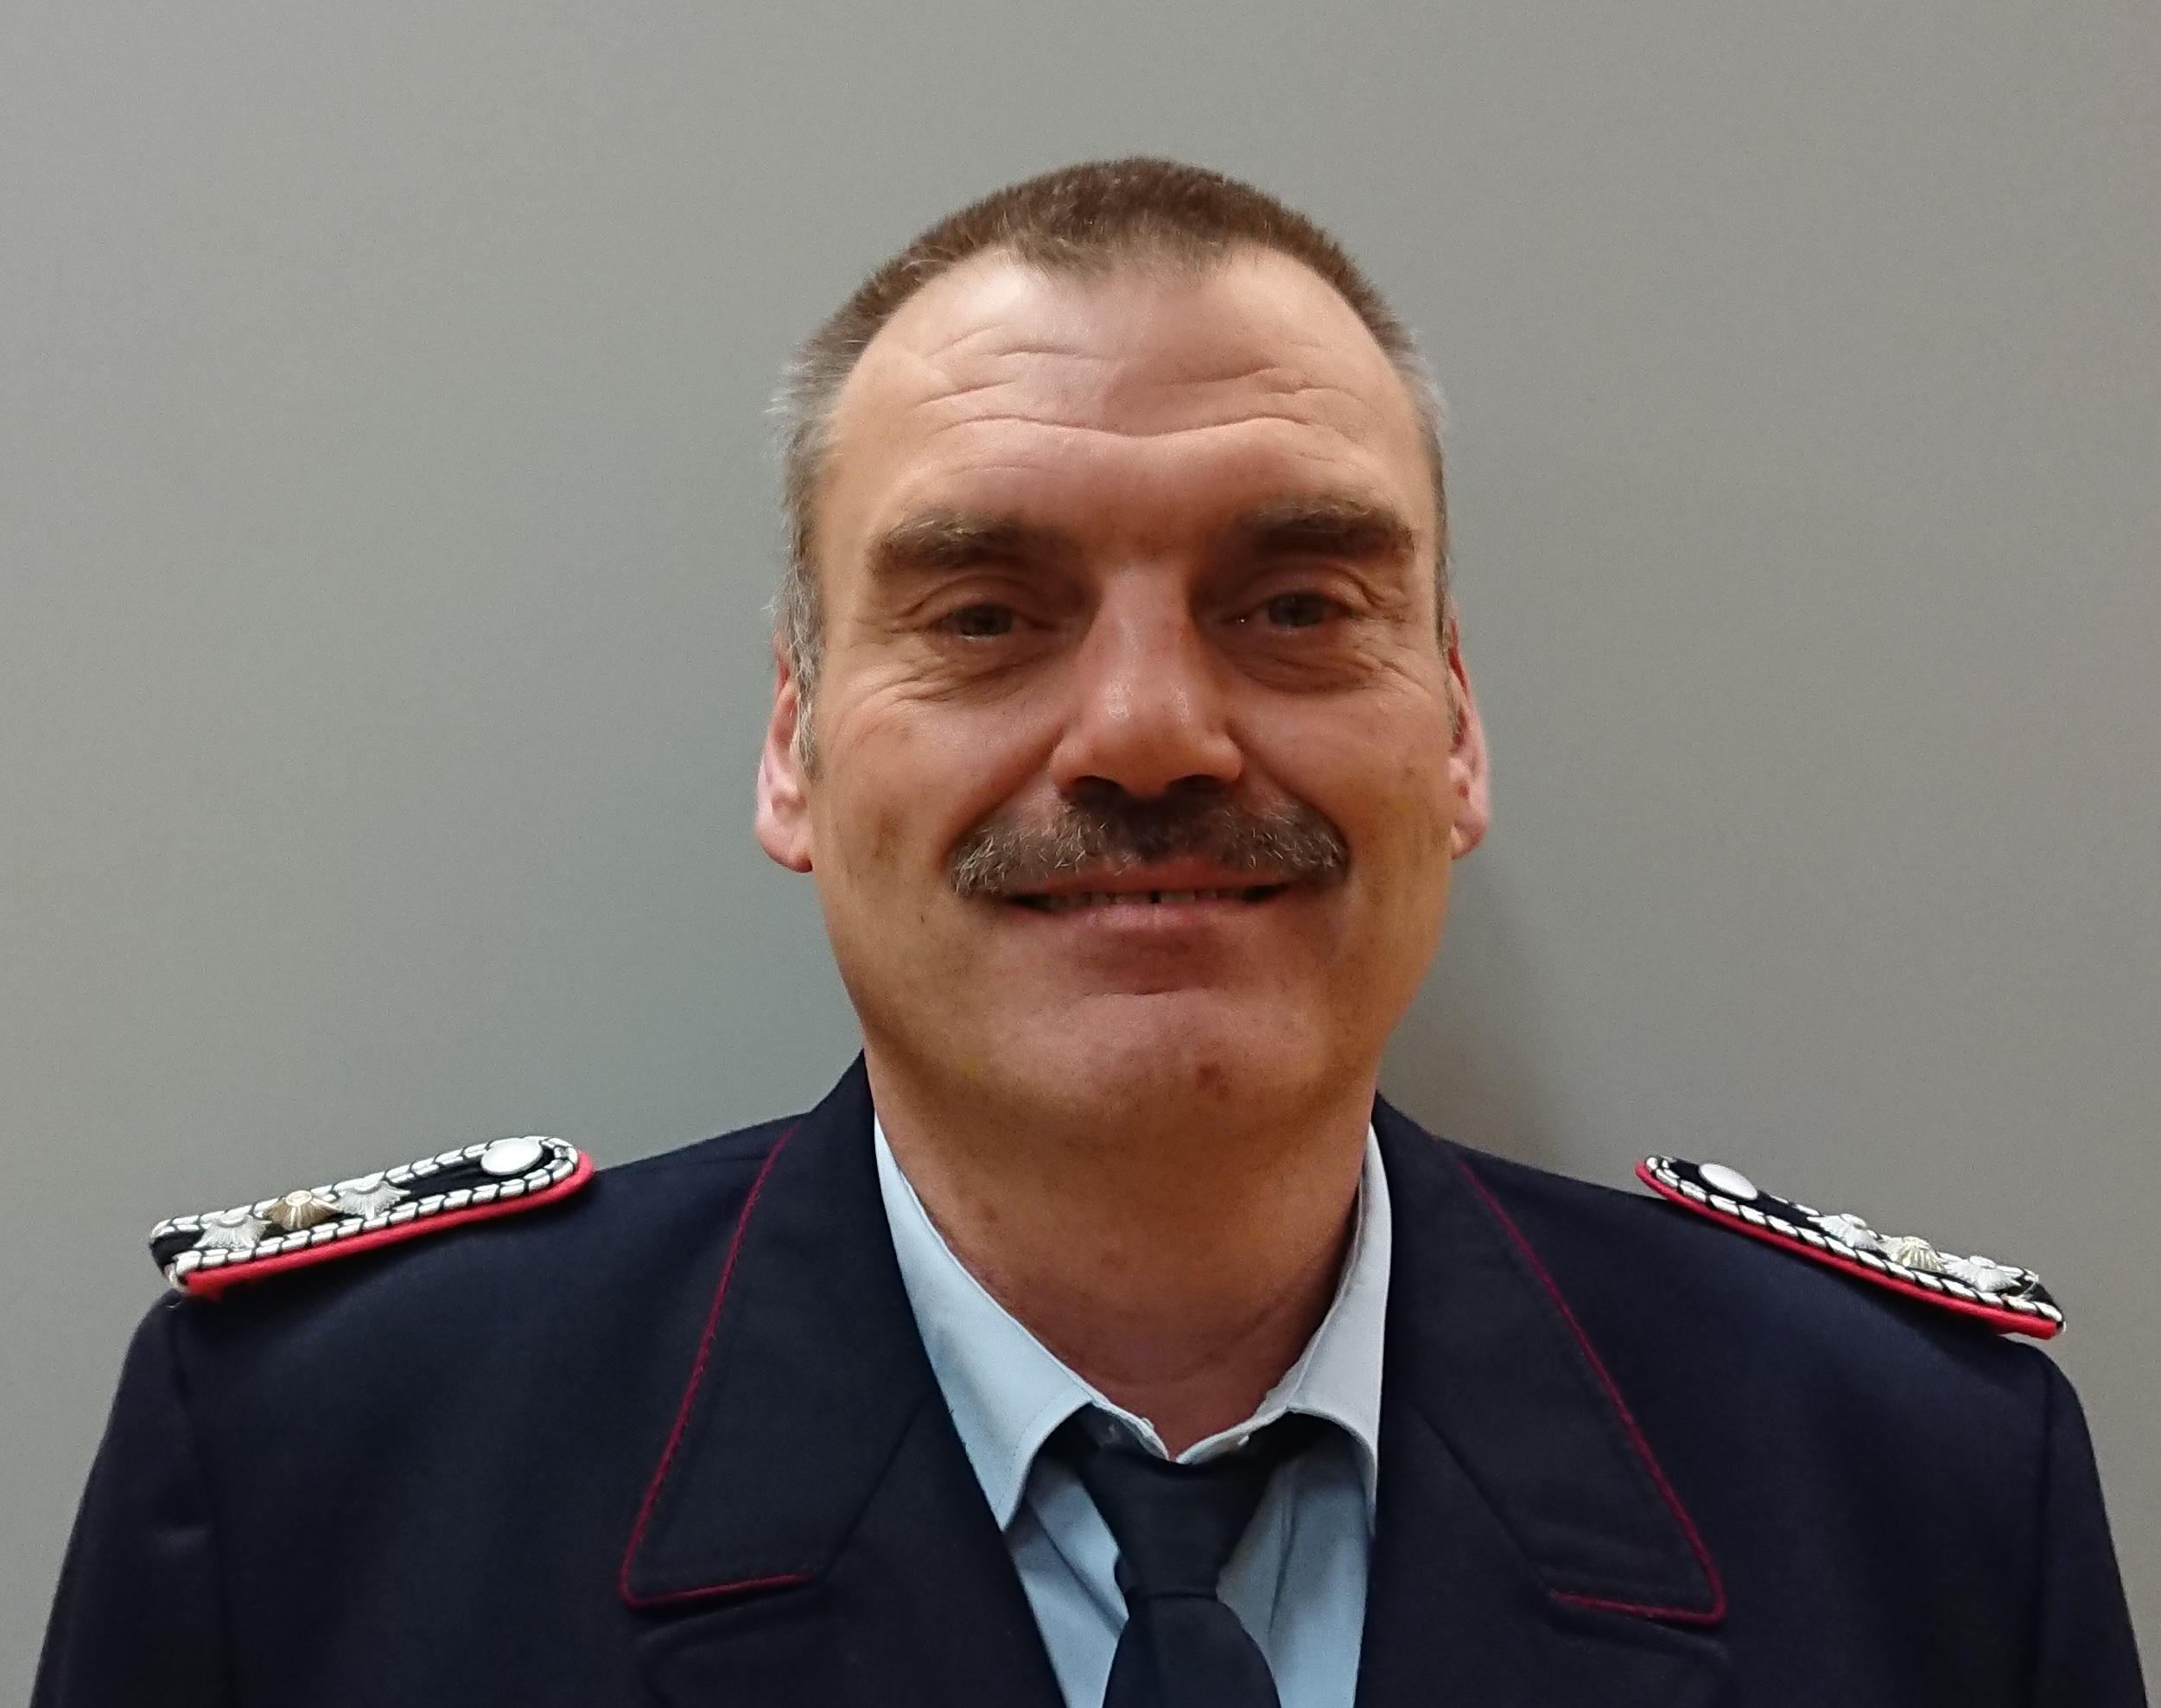 Frank Streilein